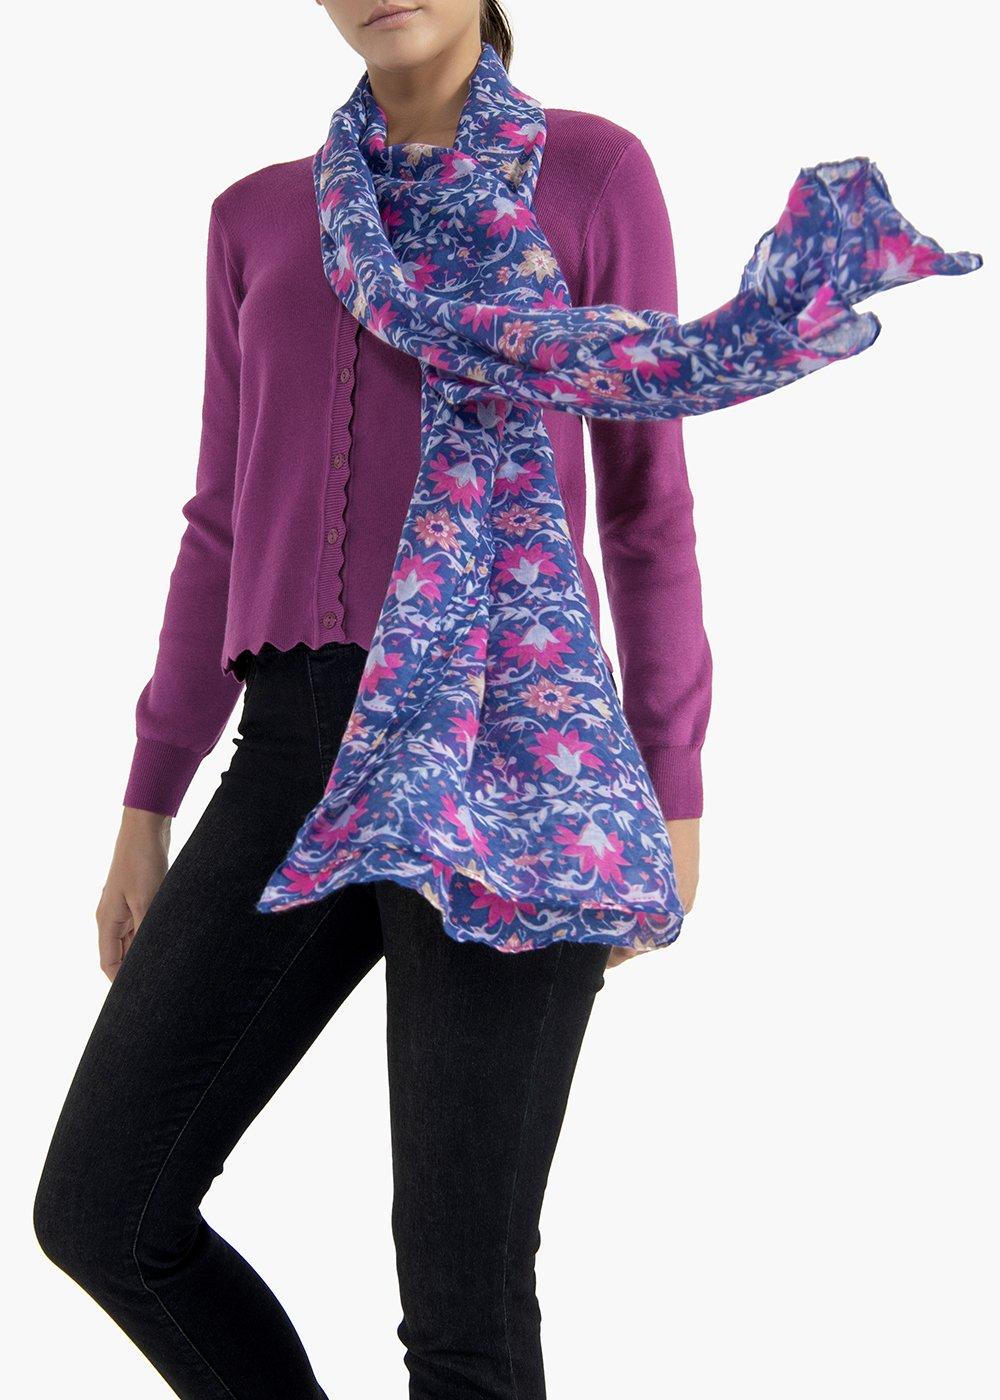 Sciarpa Sybil stampa fiori - Avion / Floreale Fantasia - Donna